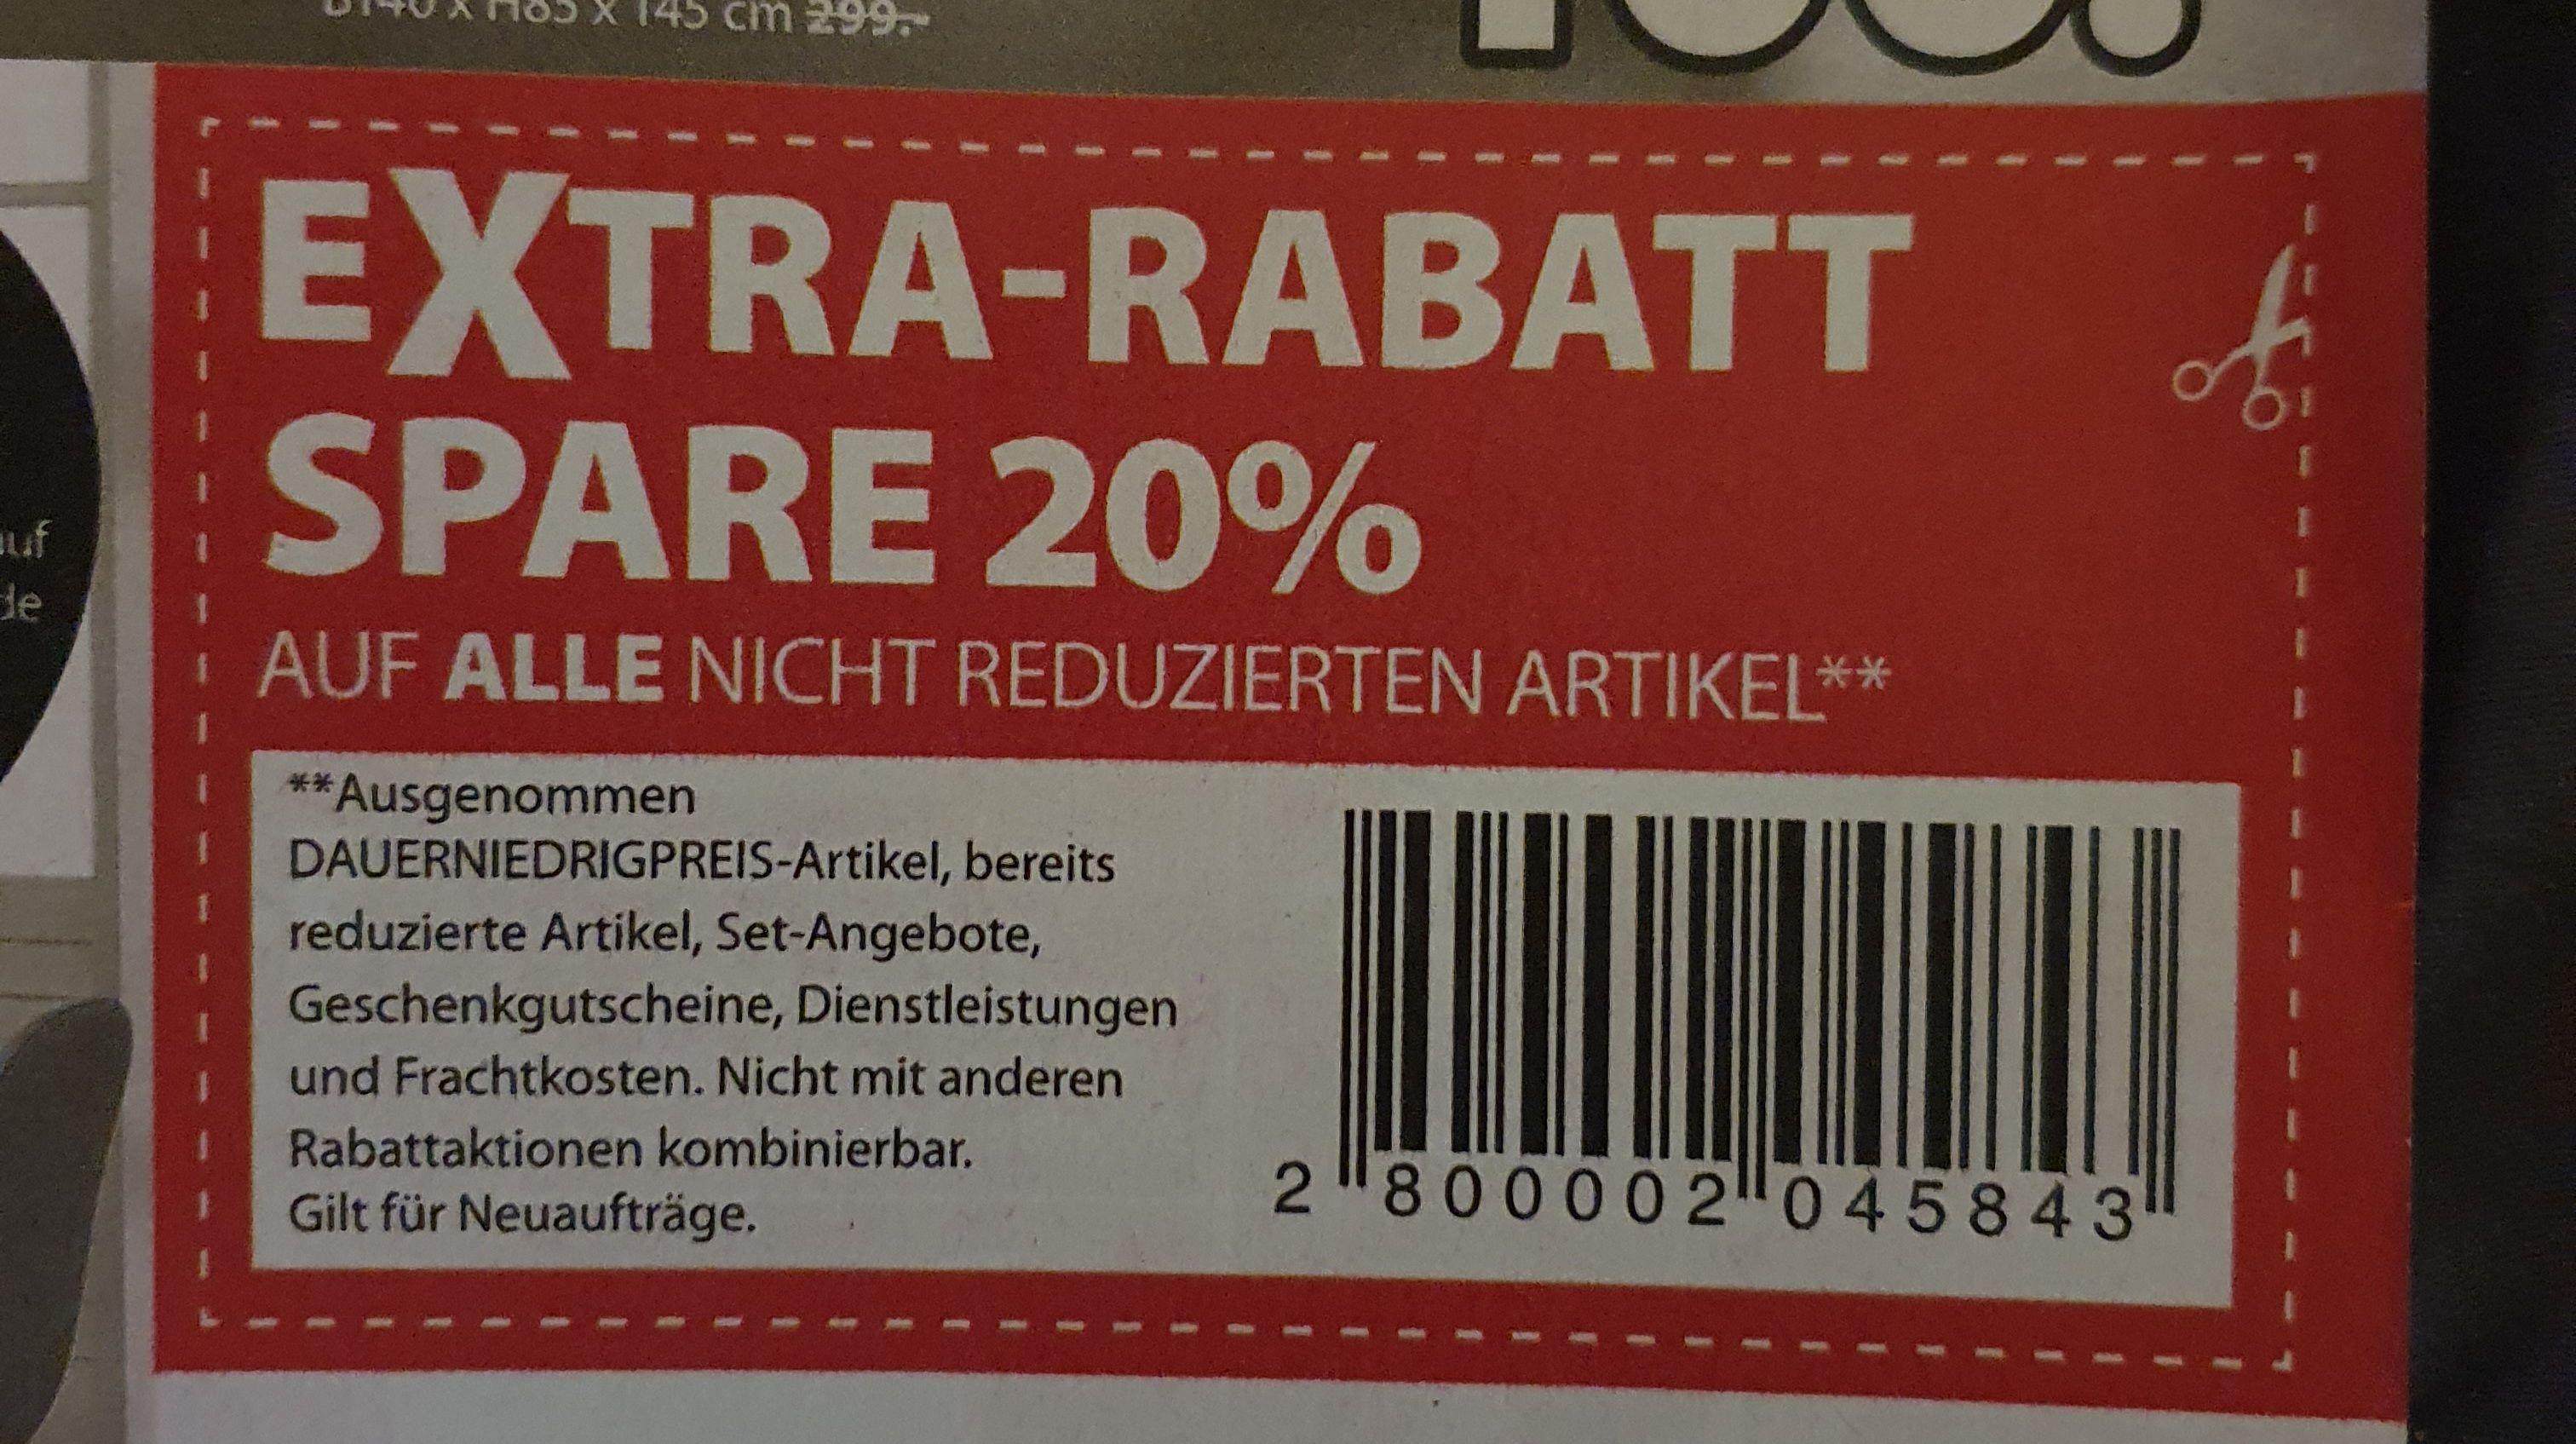 (Dänisches Bettenlager) 20% auf ALLE nicht reduzierten Artikel**